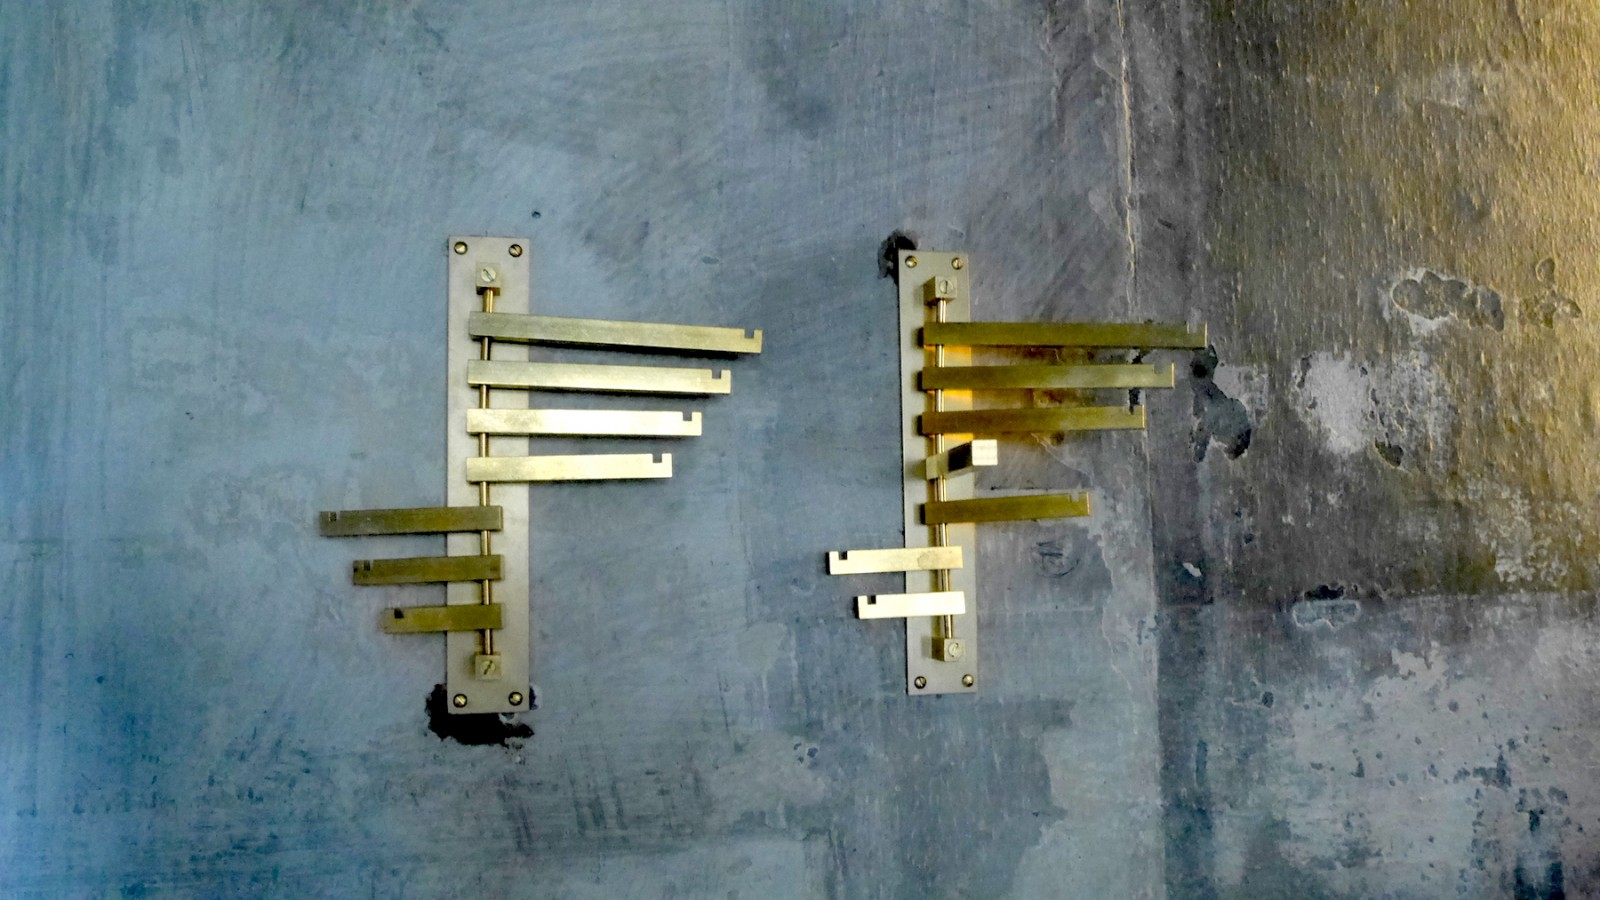 Beton trifft Metall - sehr gelungen!